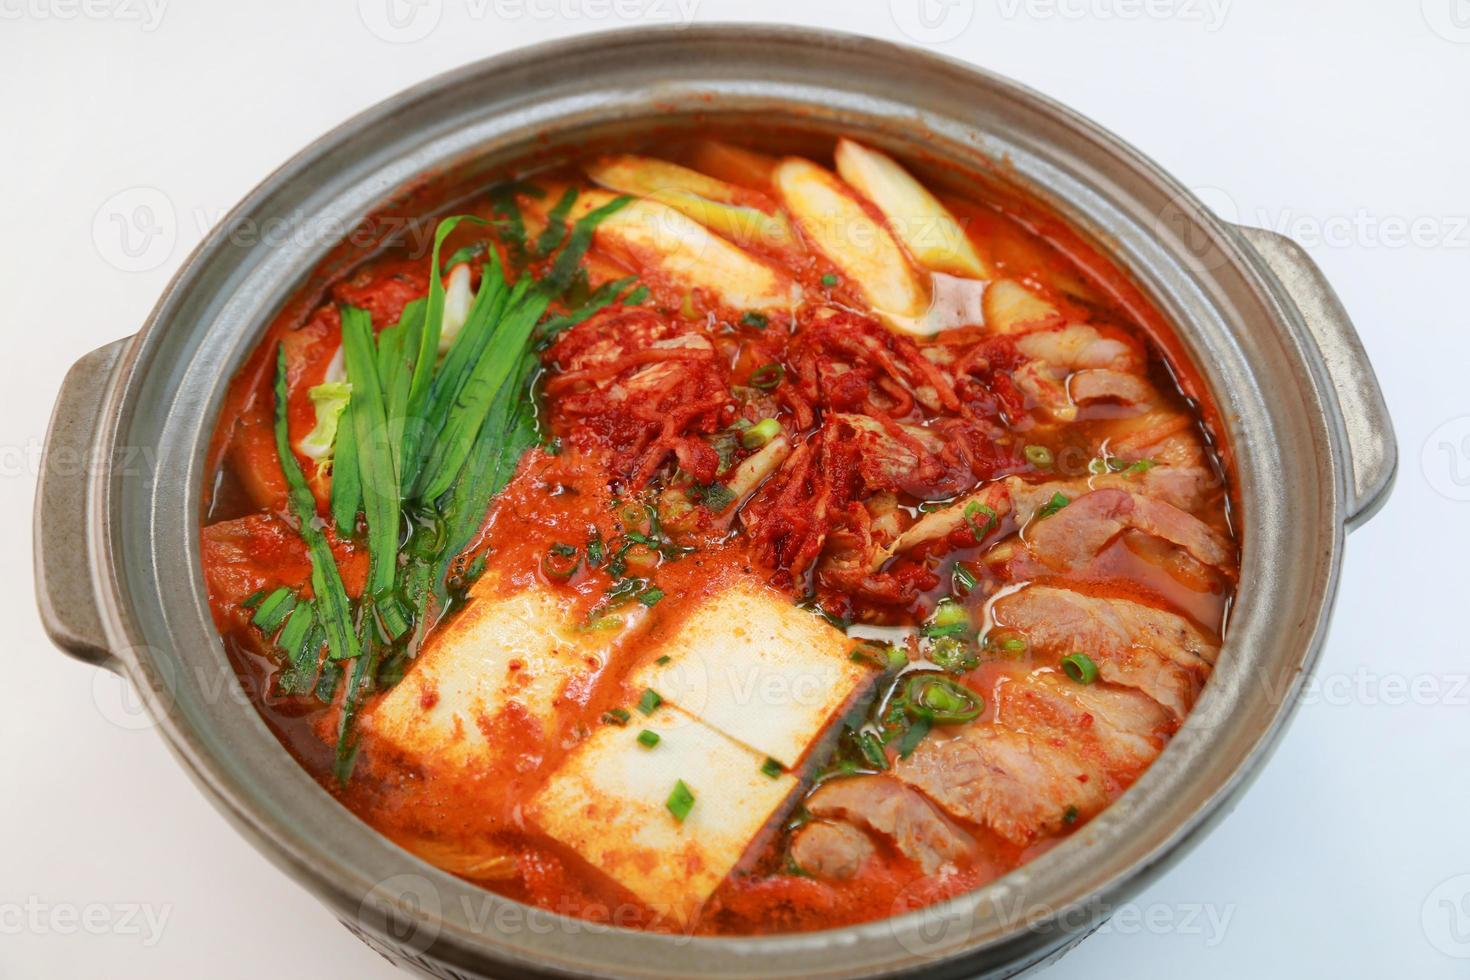 panela de ensopado de estilo coreano picante foto